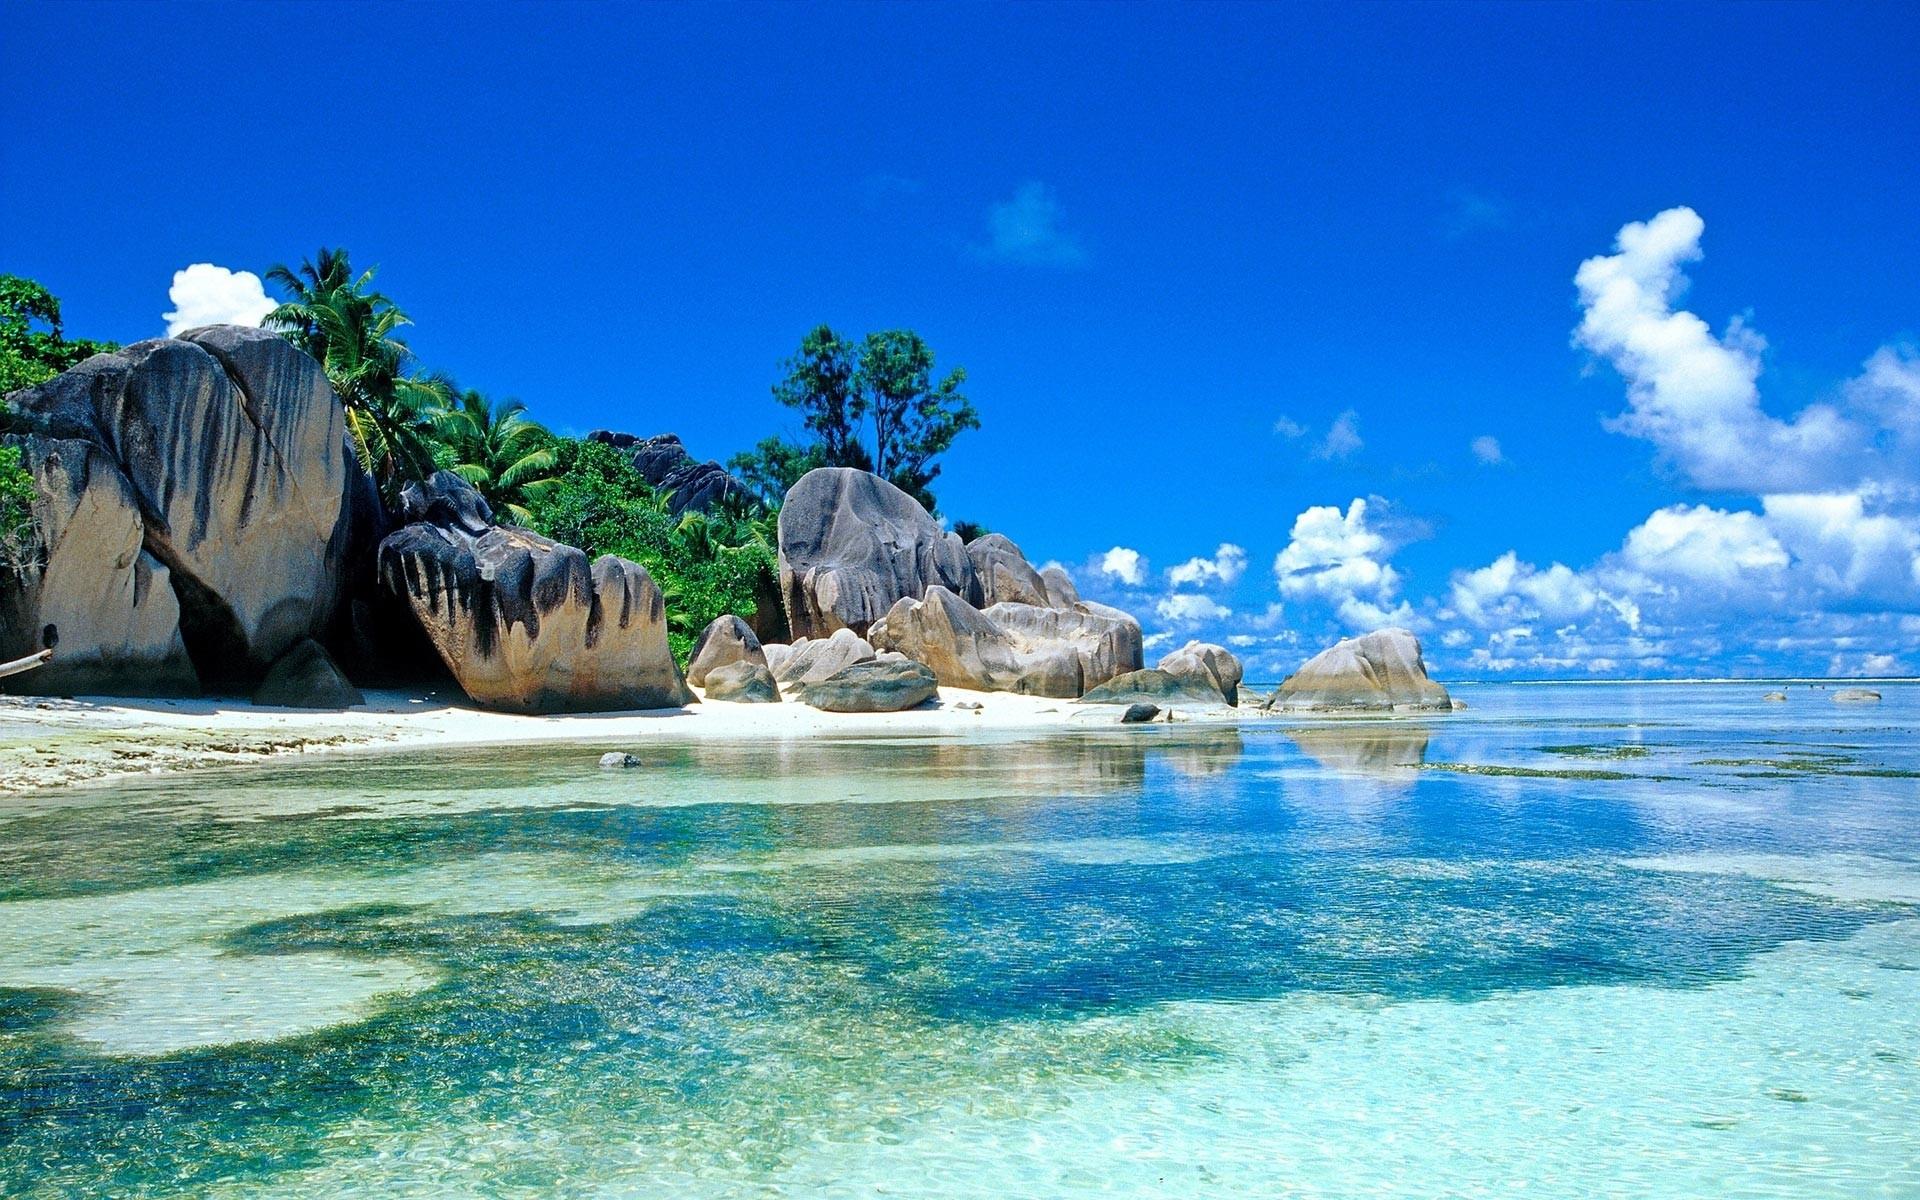 beautiful-beach-widescreen-high-resolution-wallpaper-for-desktop .